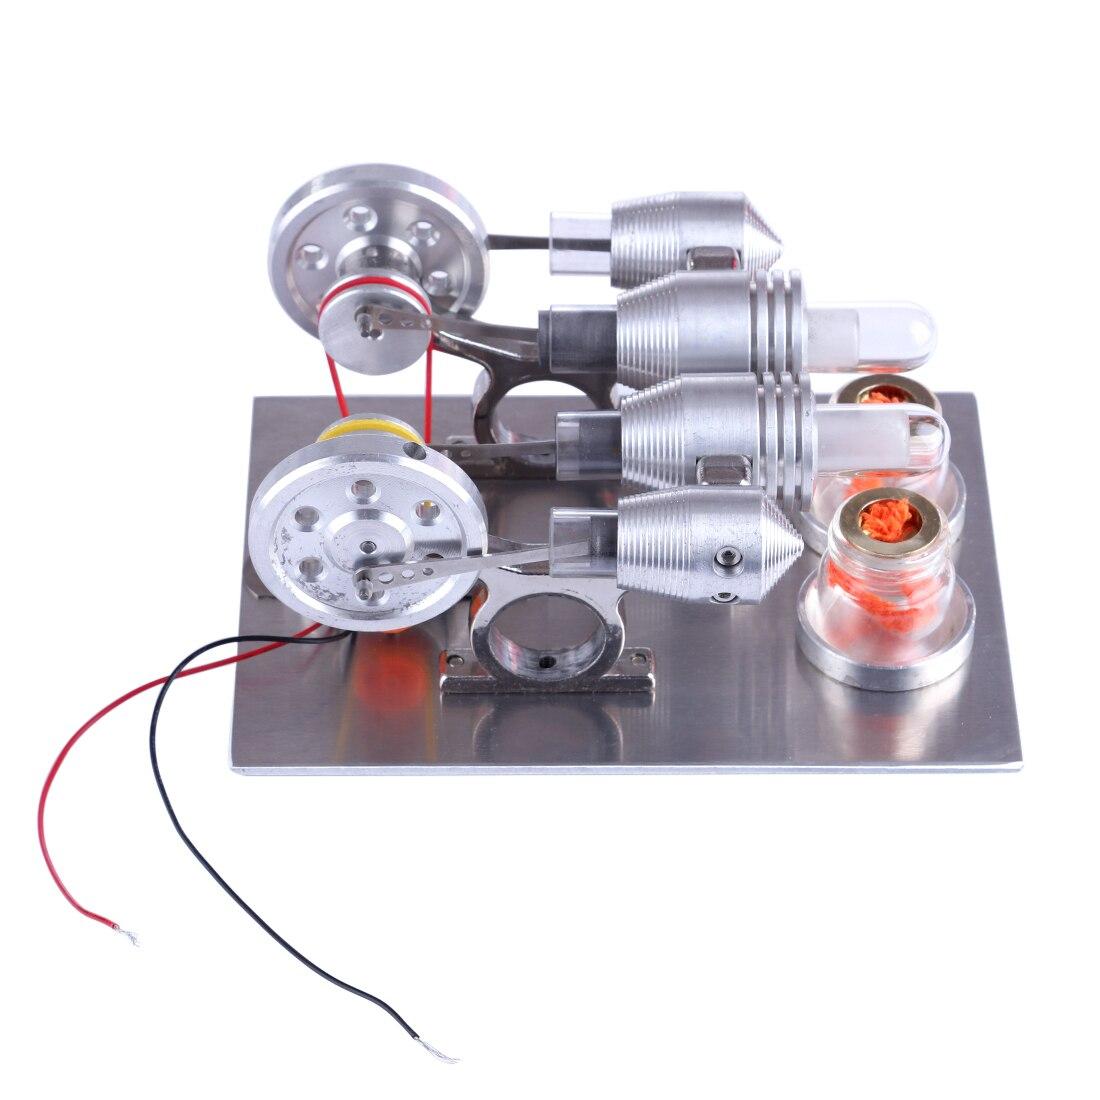 Double Cylindre Stirling modèle pour moteur Physique Sciences jouet d'expérimentation pour Étudiant kit d'apprentissage Le Développement des Enfants Jouets 2018